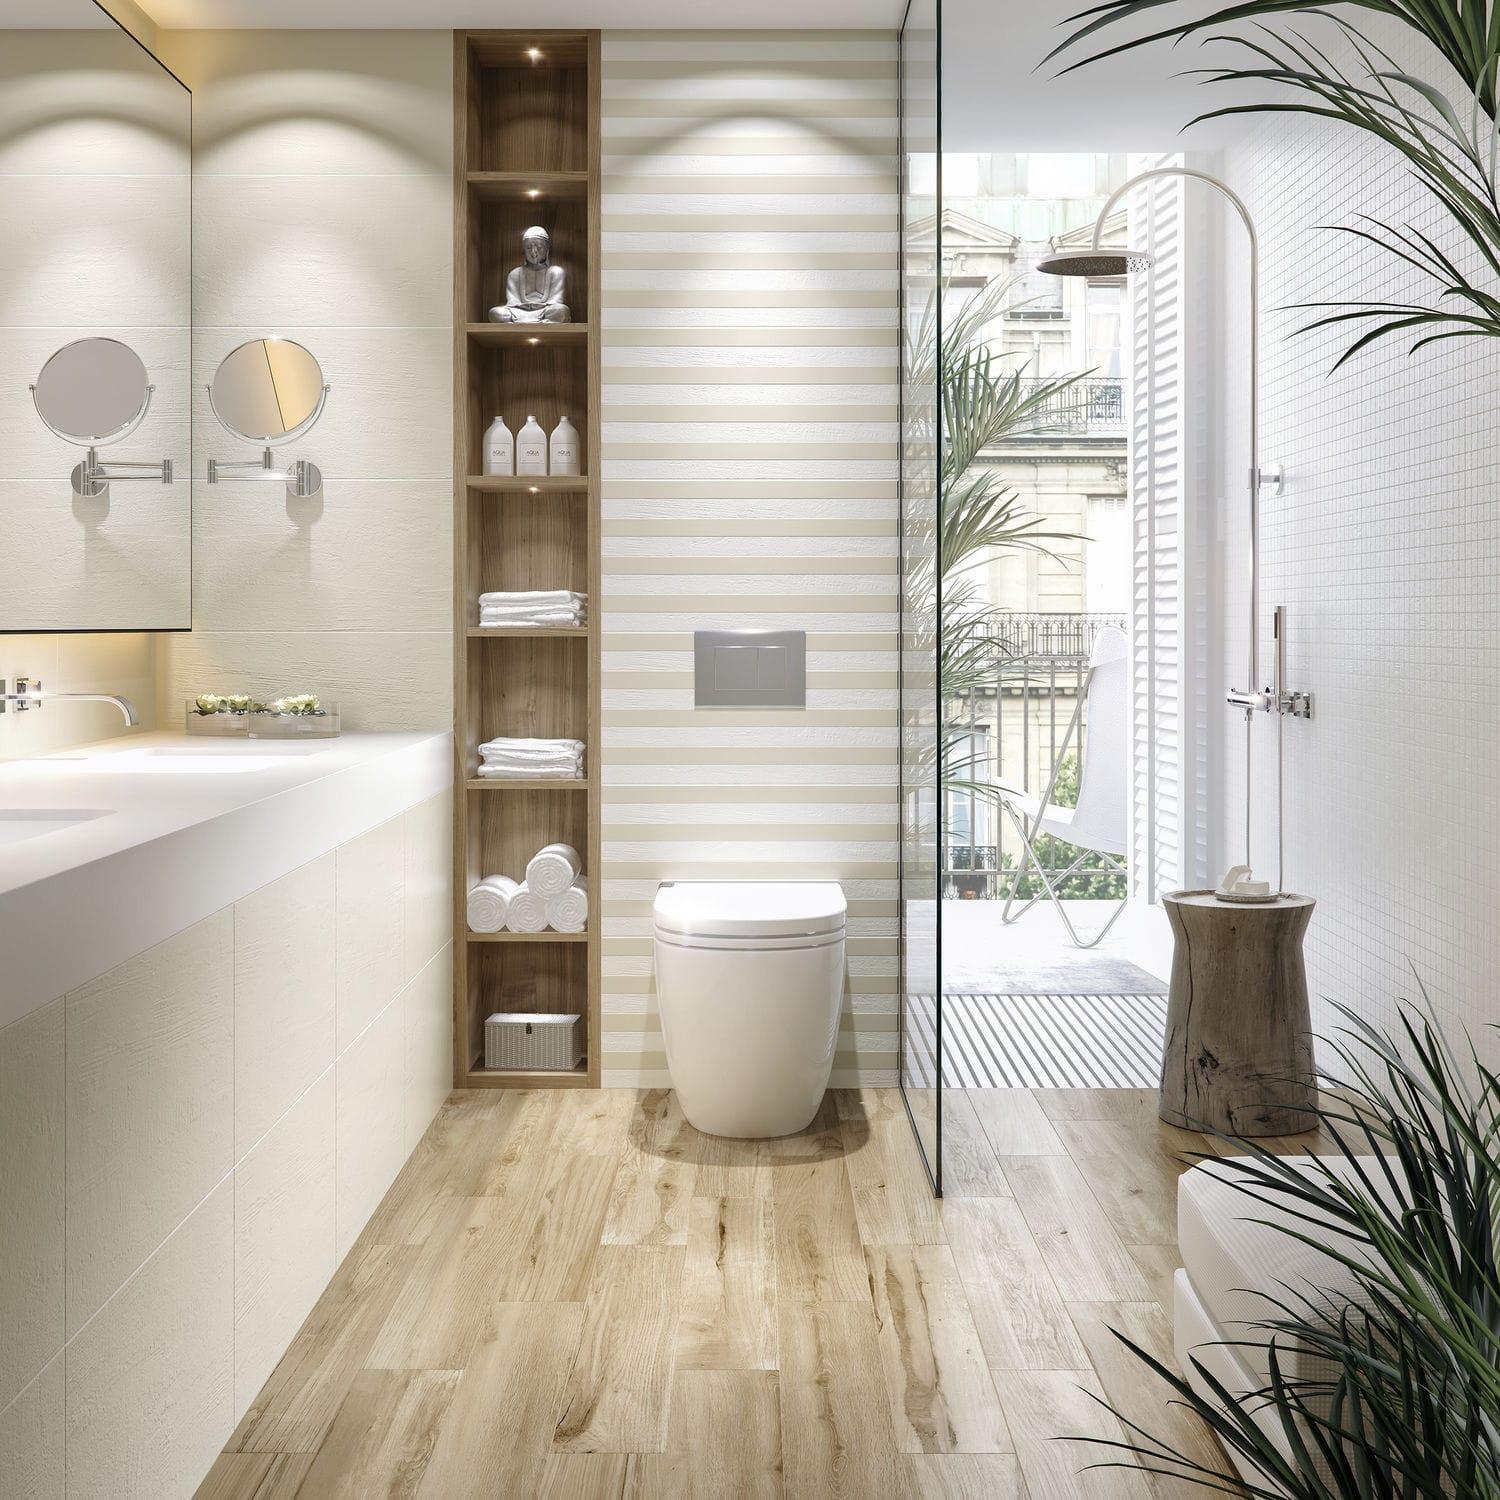 Fliesen für Badezimmer / Küchen / Wand / Feinsteinzeug - MUNDI - DOMINO